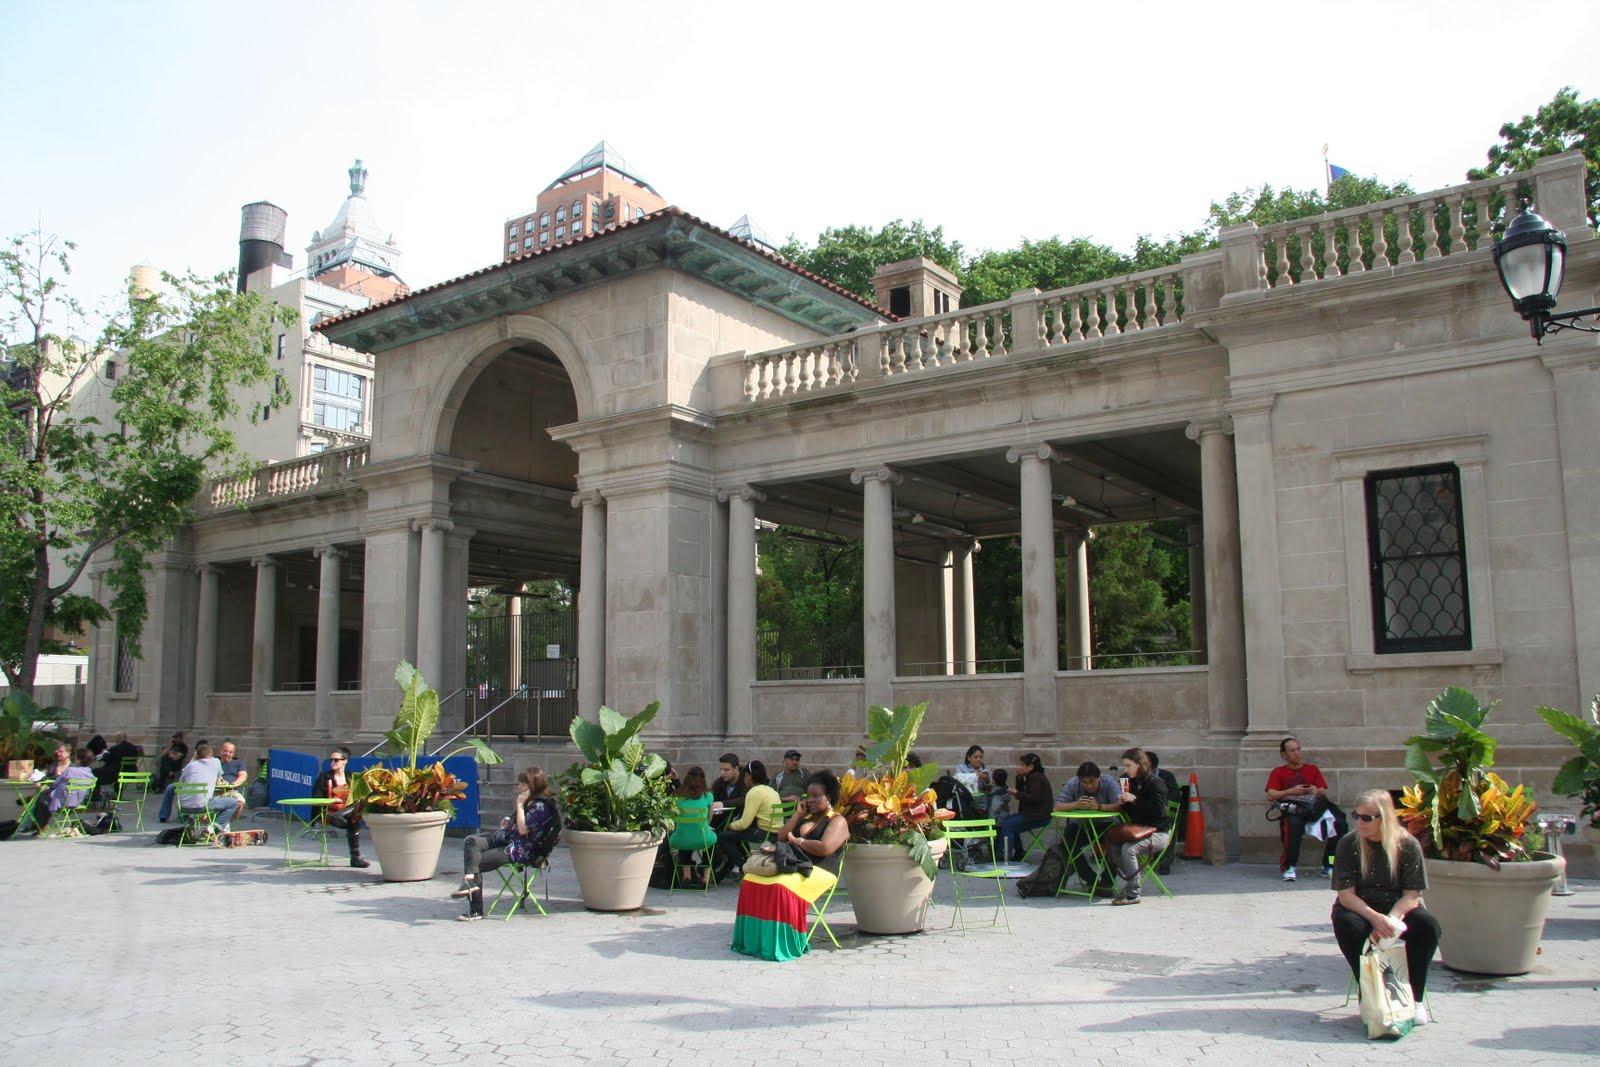 Union Square Park Pavilion Concessionaire Announced Lawsuit Being Prepared